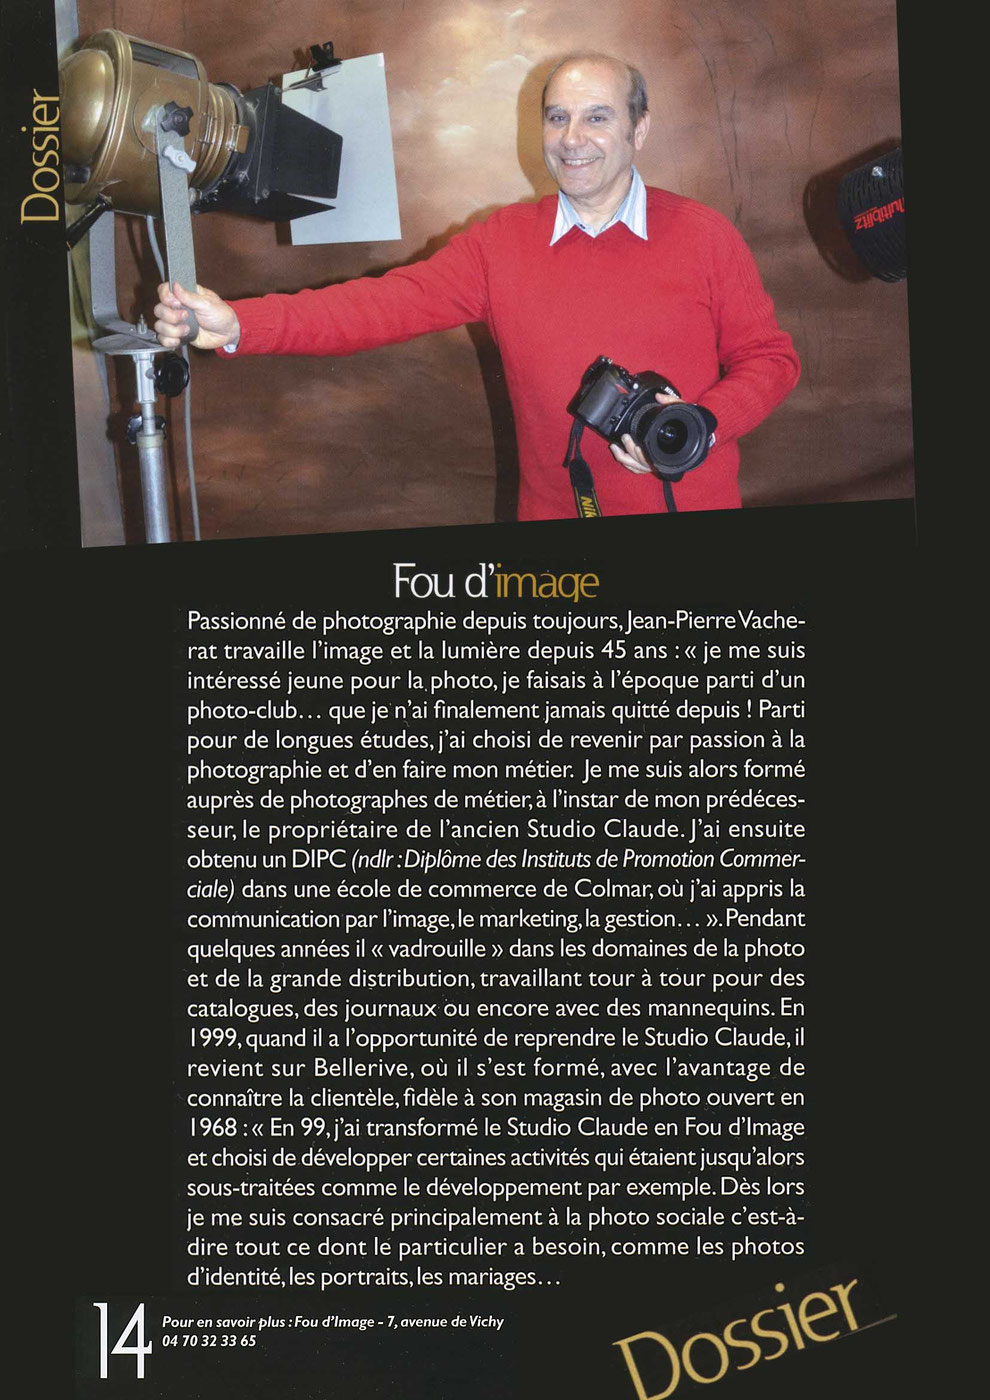 fou d'image studio de photographie avenue de vichy bellerive sur allier, presse magazine